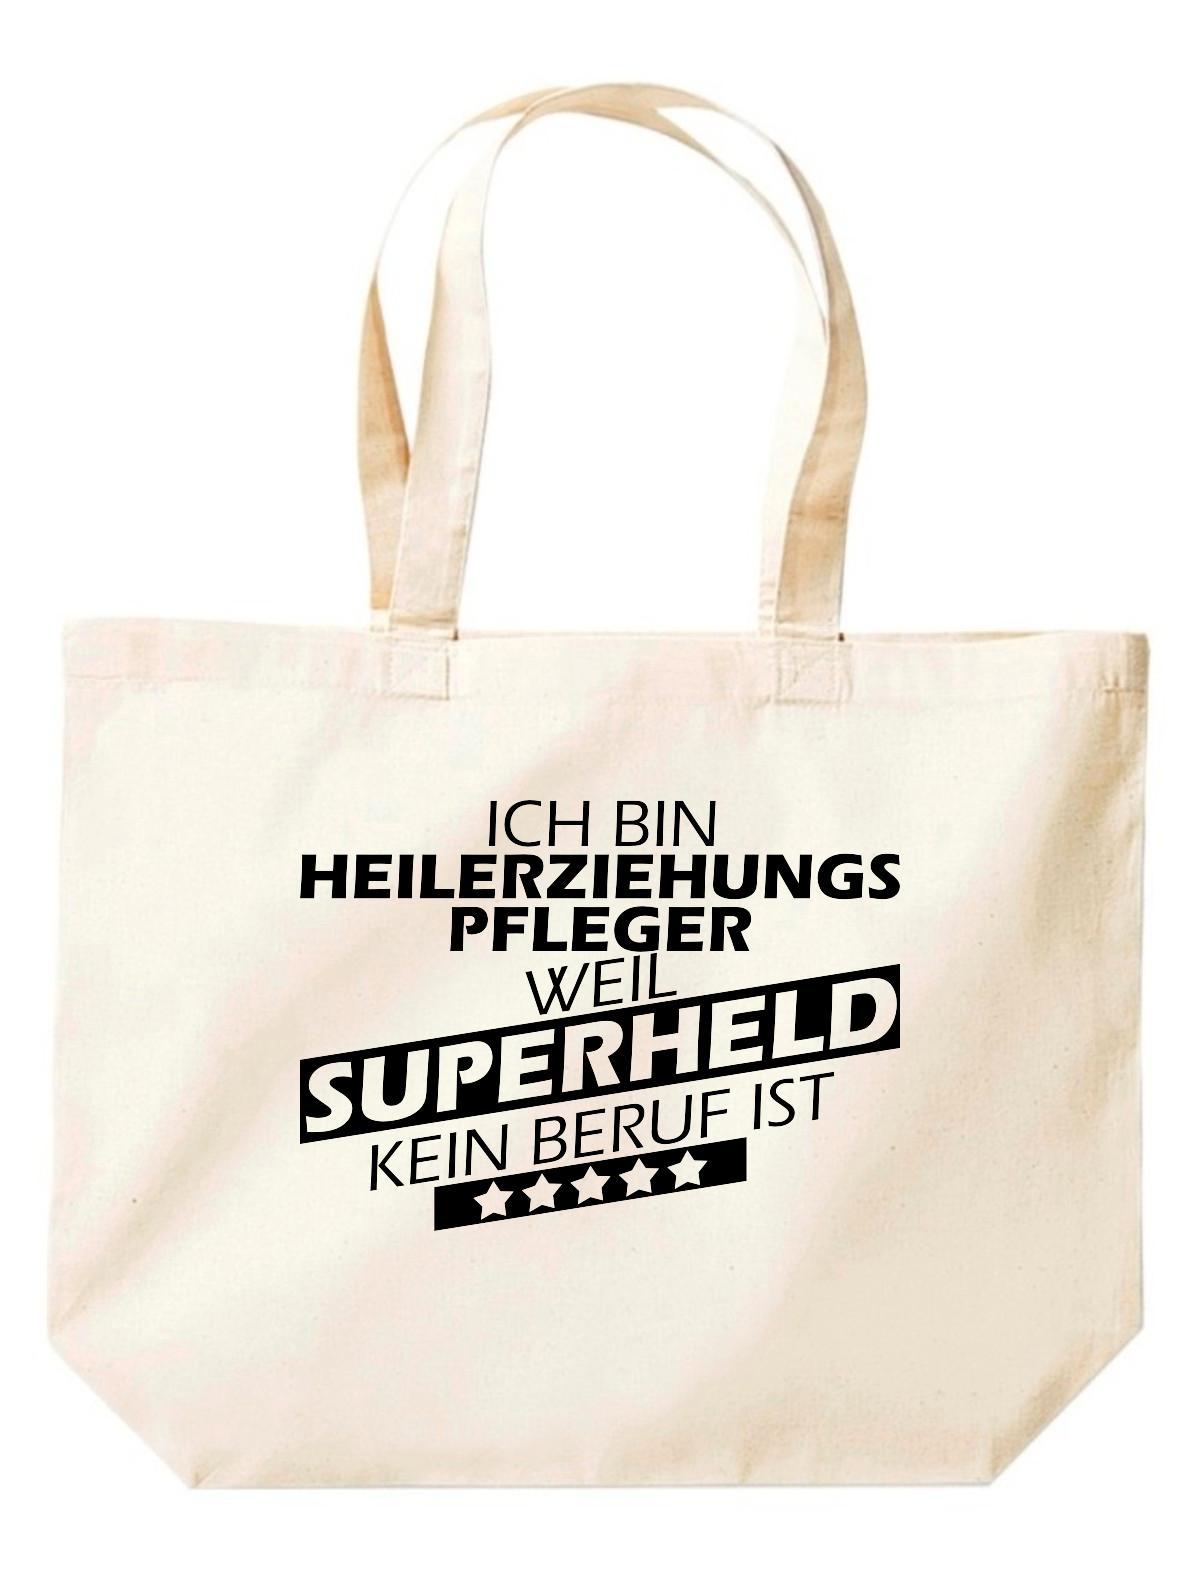 große Einkaufstasche, Ich bin Heilerziehungspfleger, weil Superheld kein Beruf i